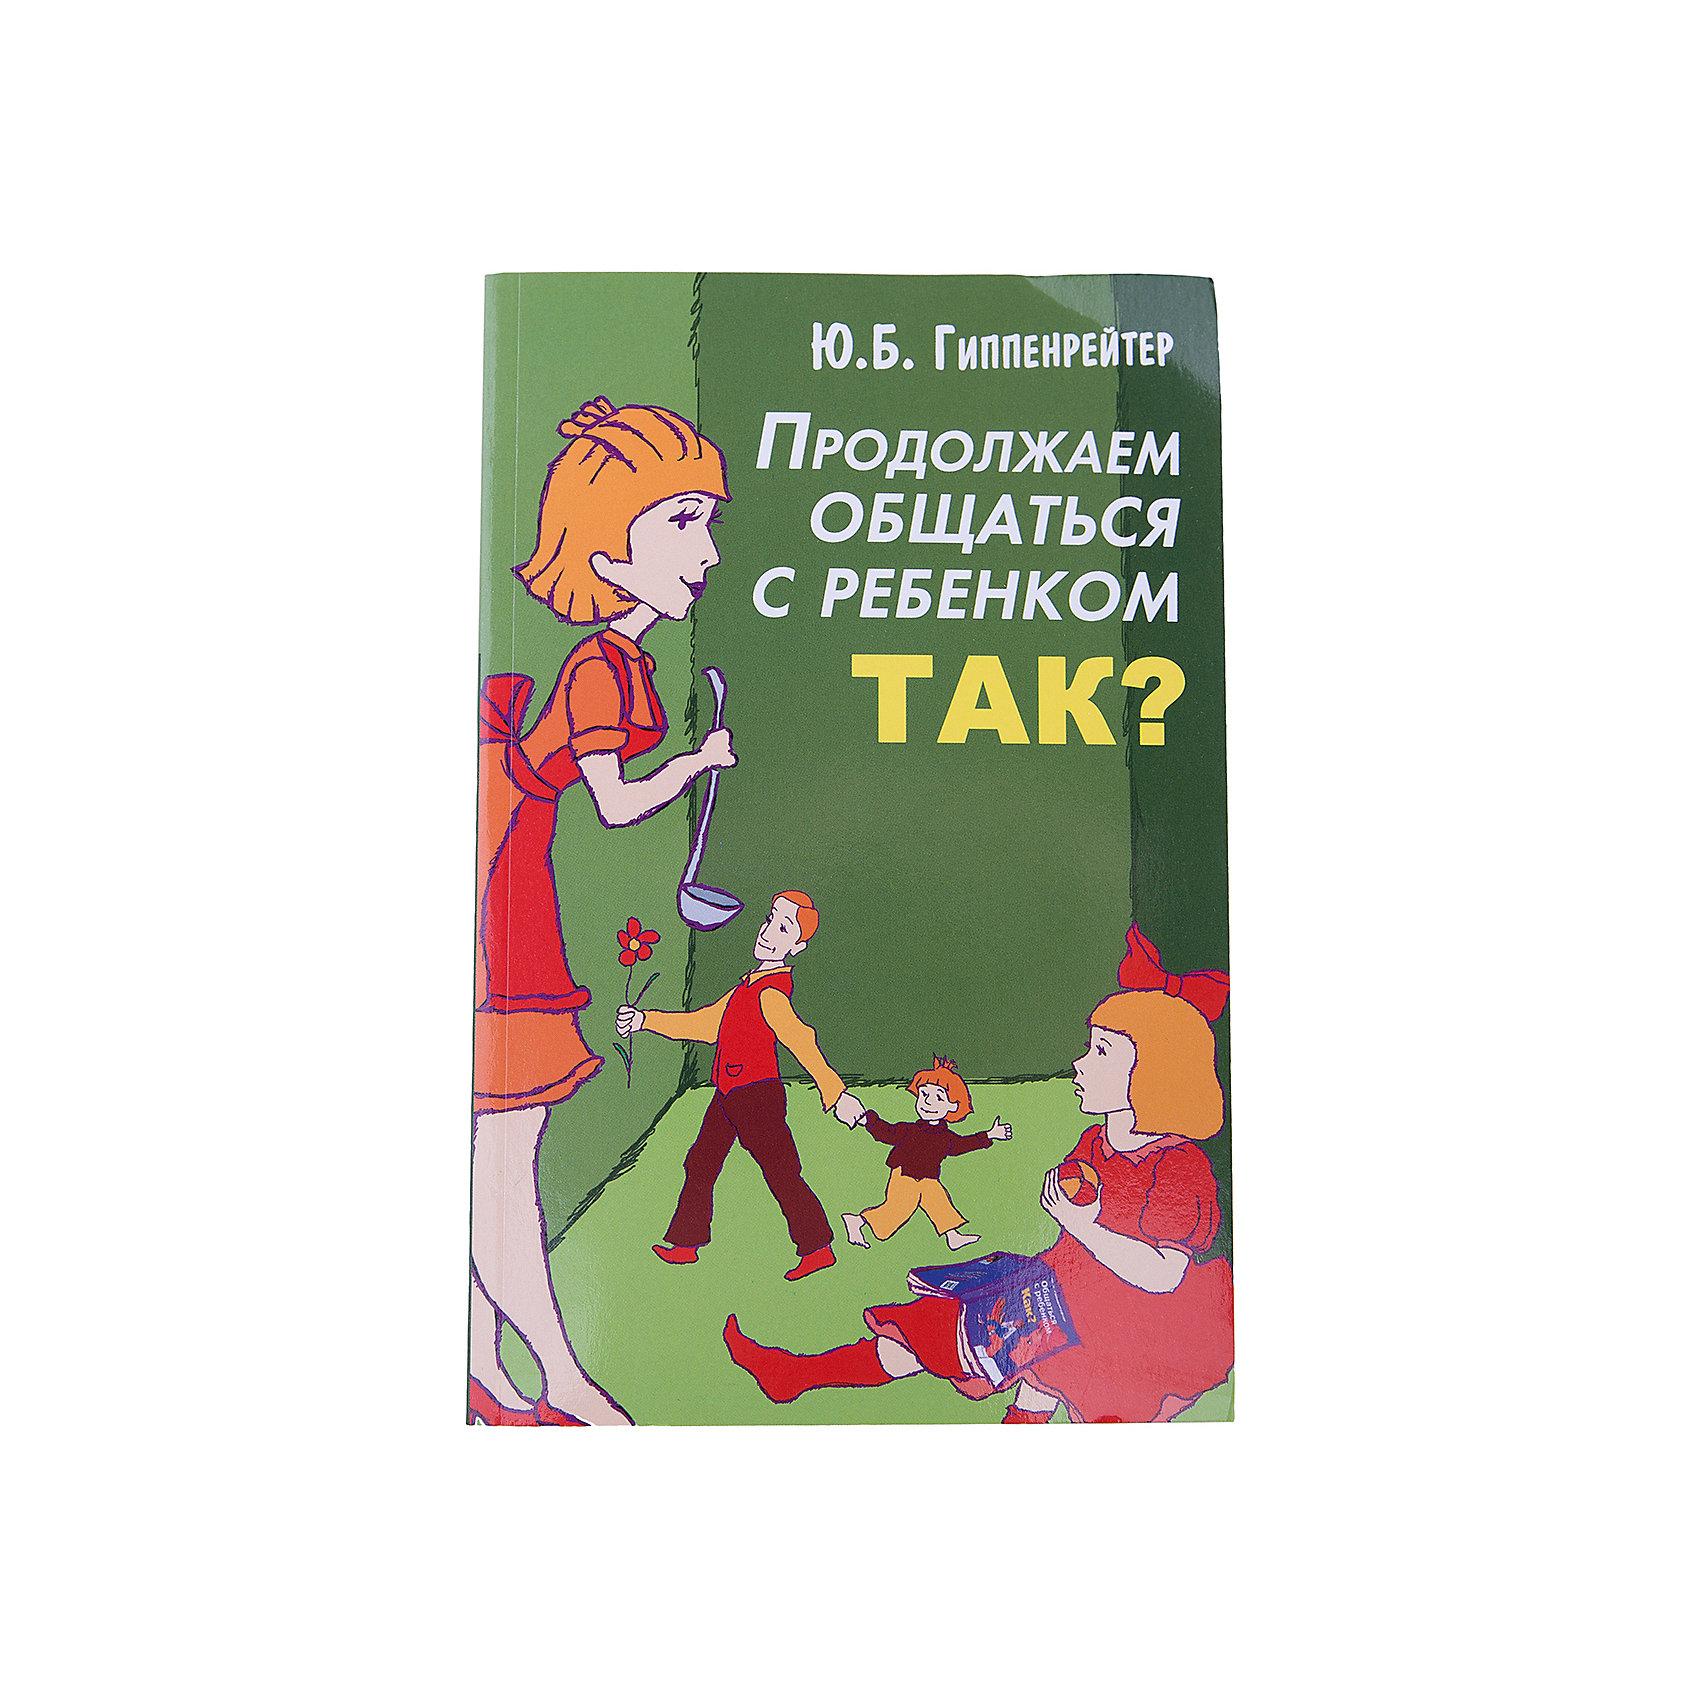 Продолжаем общаться с ребенком: Так?Книги по педагогике<br>Настоящая книга расширяет и углубляет темы предыдущей книги автора «Общаться с ребенком. Как?», которая стала лидером продаж благодаря редкому сочетанию научной глубины и ясности изложения.<br>В новой книге обсуждаются многочисленные вопросы, которые волнуют родителей: «Как его воспитывать? Как приучать к дисциплине? Как наказывать? Как заставить его хорошо учиться?». Разбираются и объясняются новые важные подробности и приемы искусства эффективного общения.<br><br>Ширина мм: 212<br>Глубина мм: 138<br>Высота мм: 170<br>Вес г: 25<br>Возраст от месяцев: 216<br>Возраст до месяцев: 2147483647<br>Пол: Унисекс<br>Возраст: Детский<br>SKU: 6848322